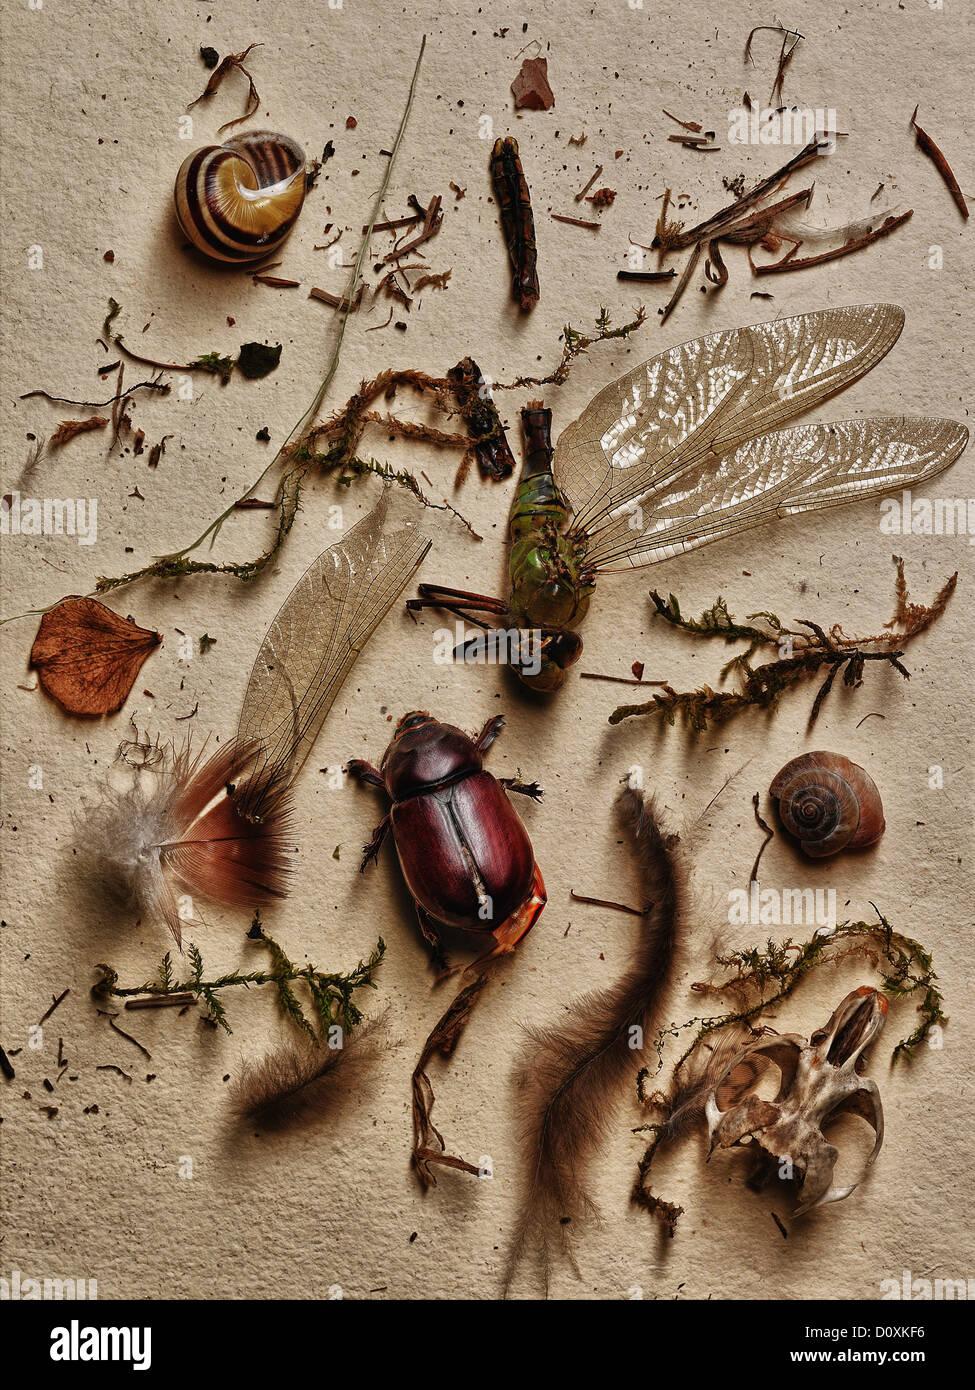 Insekten und andere Elemente aus der Natur Stockbild